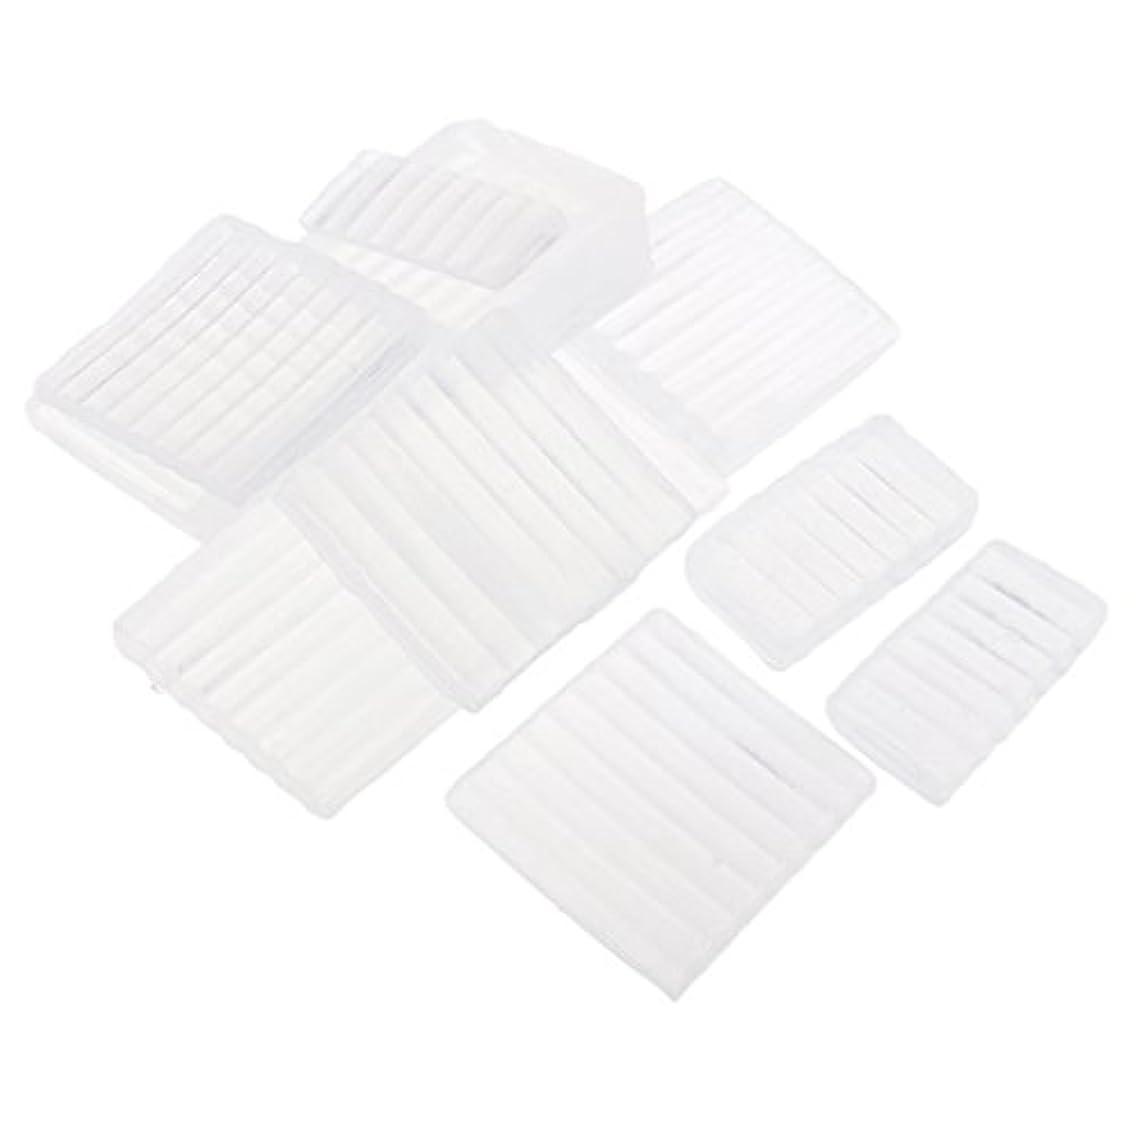 Fenteer ホワイト 透明 石鹸ベース DIY 手作り 石鹸 材料 約500g